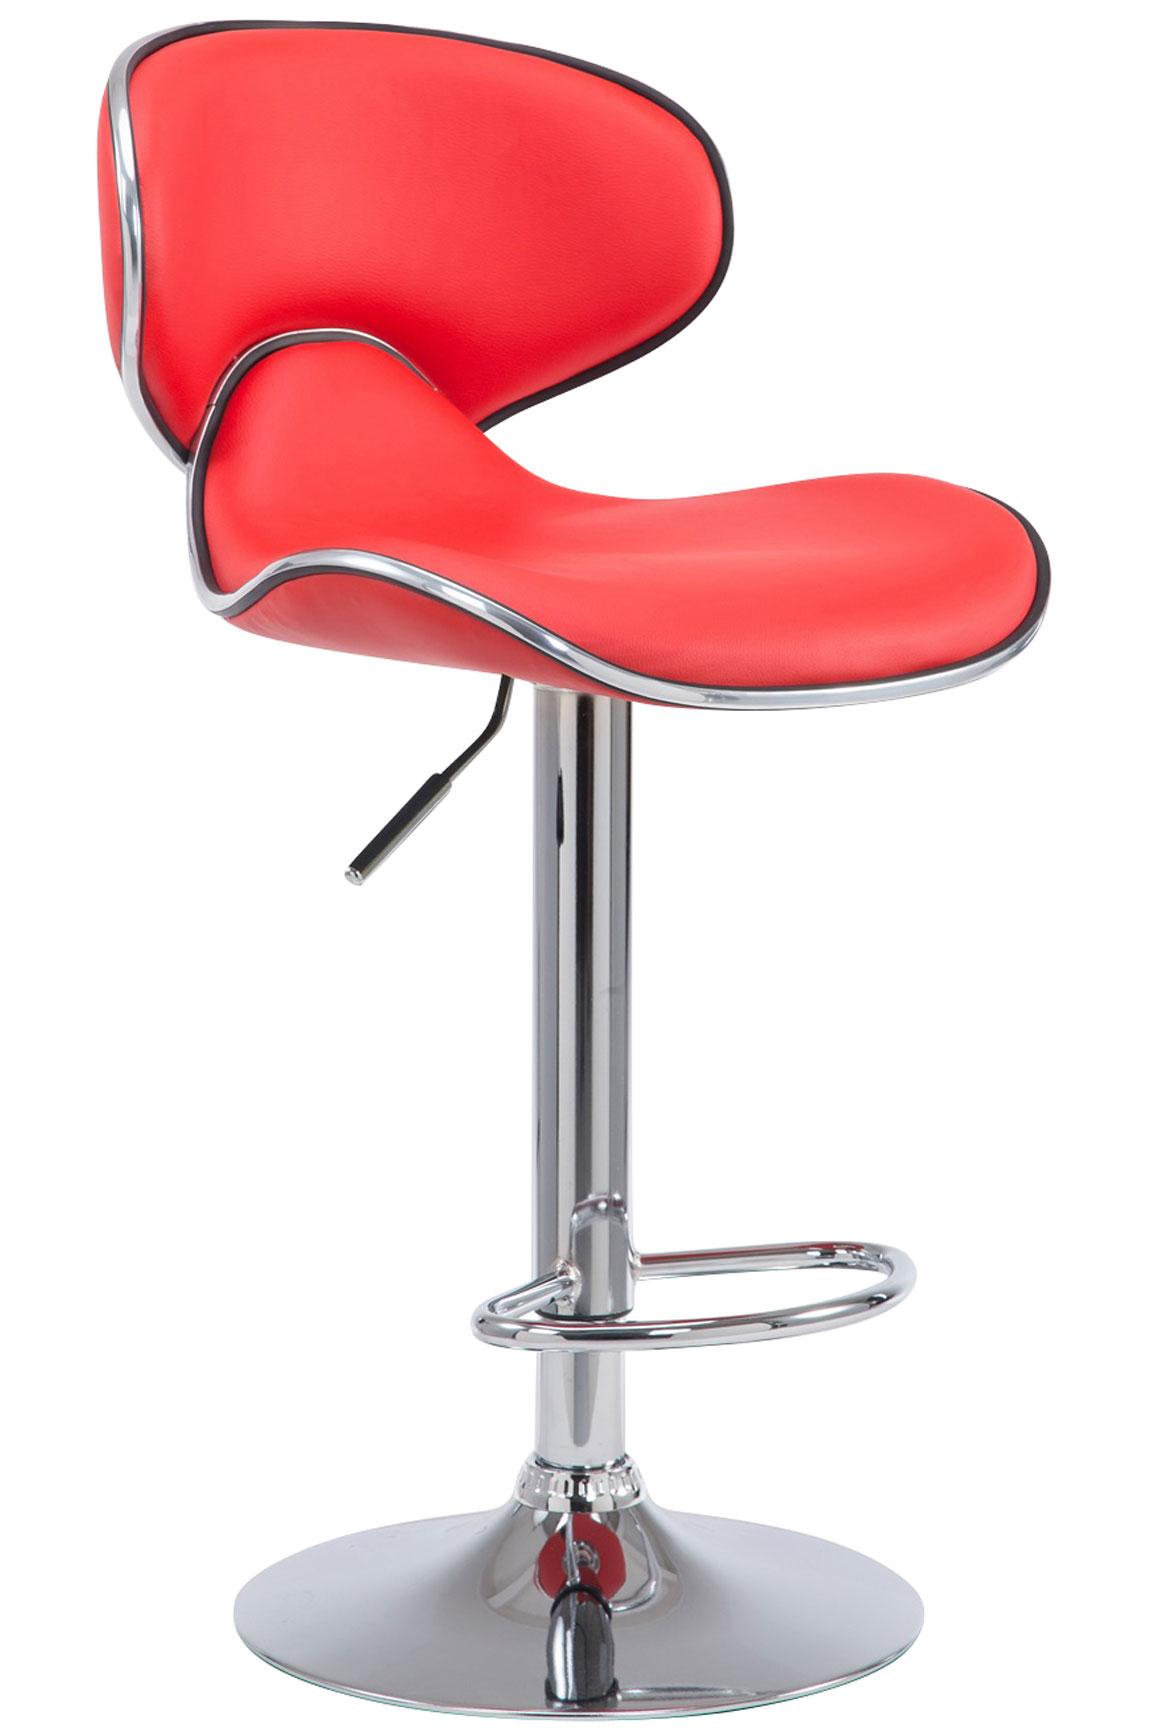 tabouret de bar r glable las vegas v2 similicuir chaise haute de bar repose pied ebay. Black Bedroom Furniture Sets. Home Design Ideas